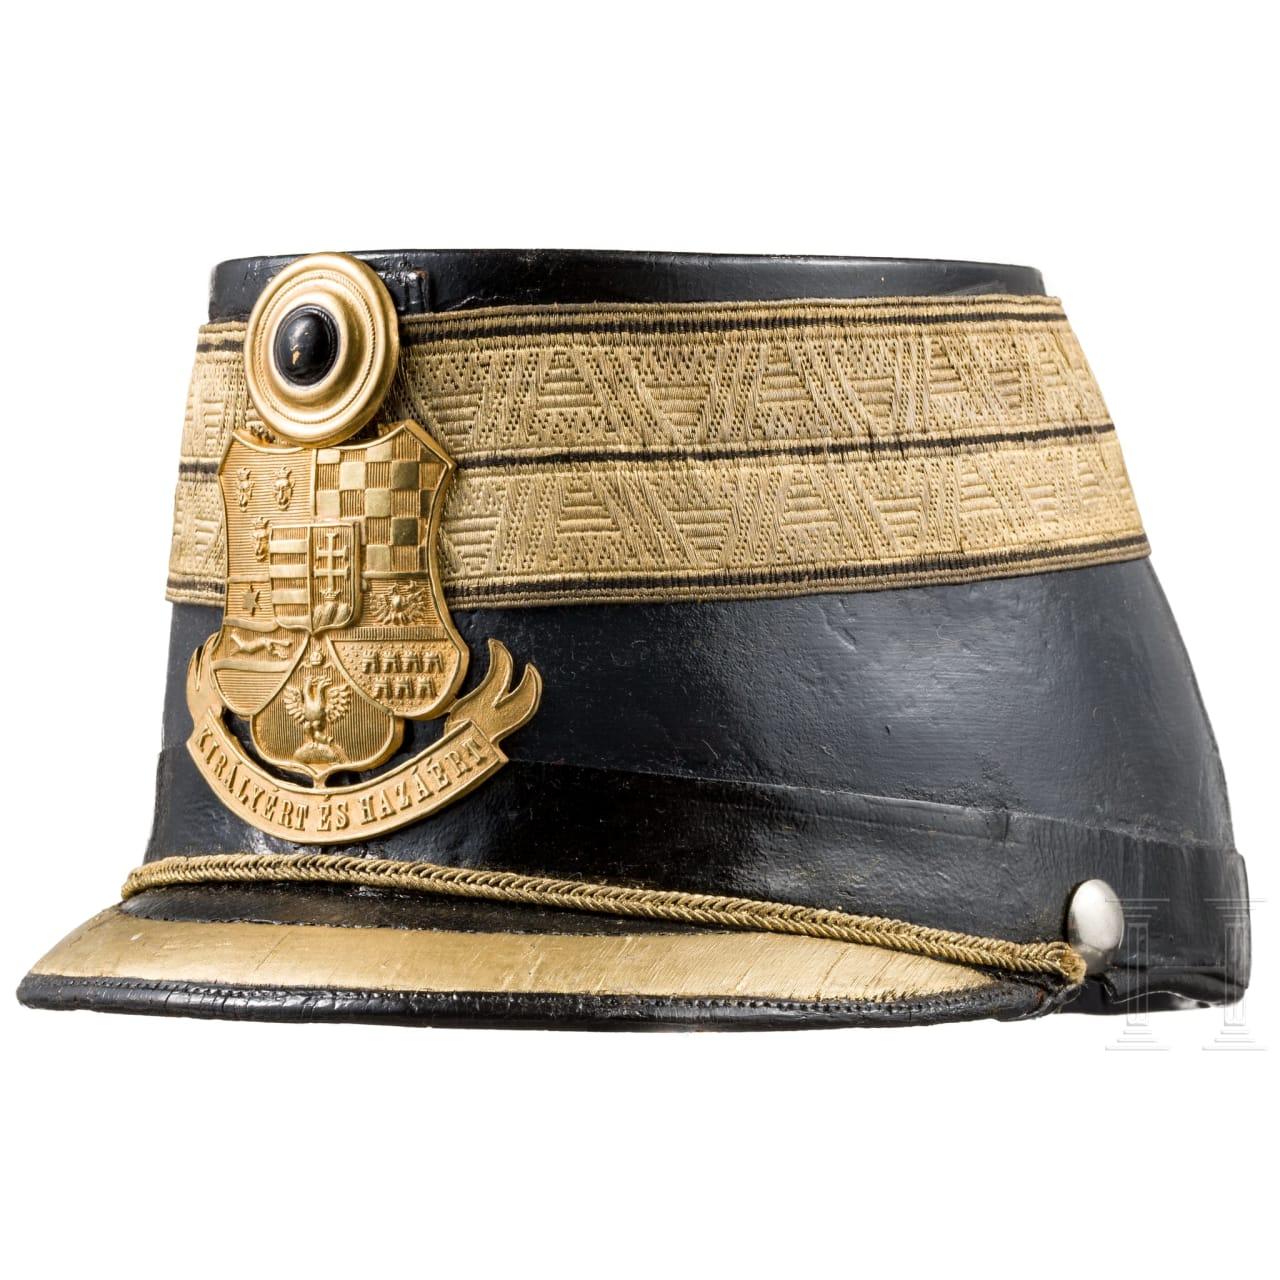 Ungarn - Tschako für einen Hauptmann der Honvéd-Infanterie, nach 1918